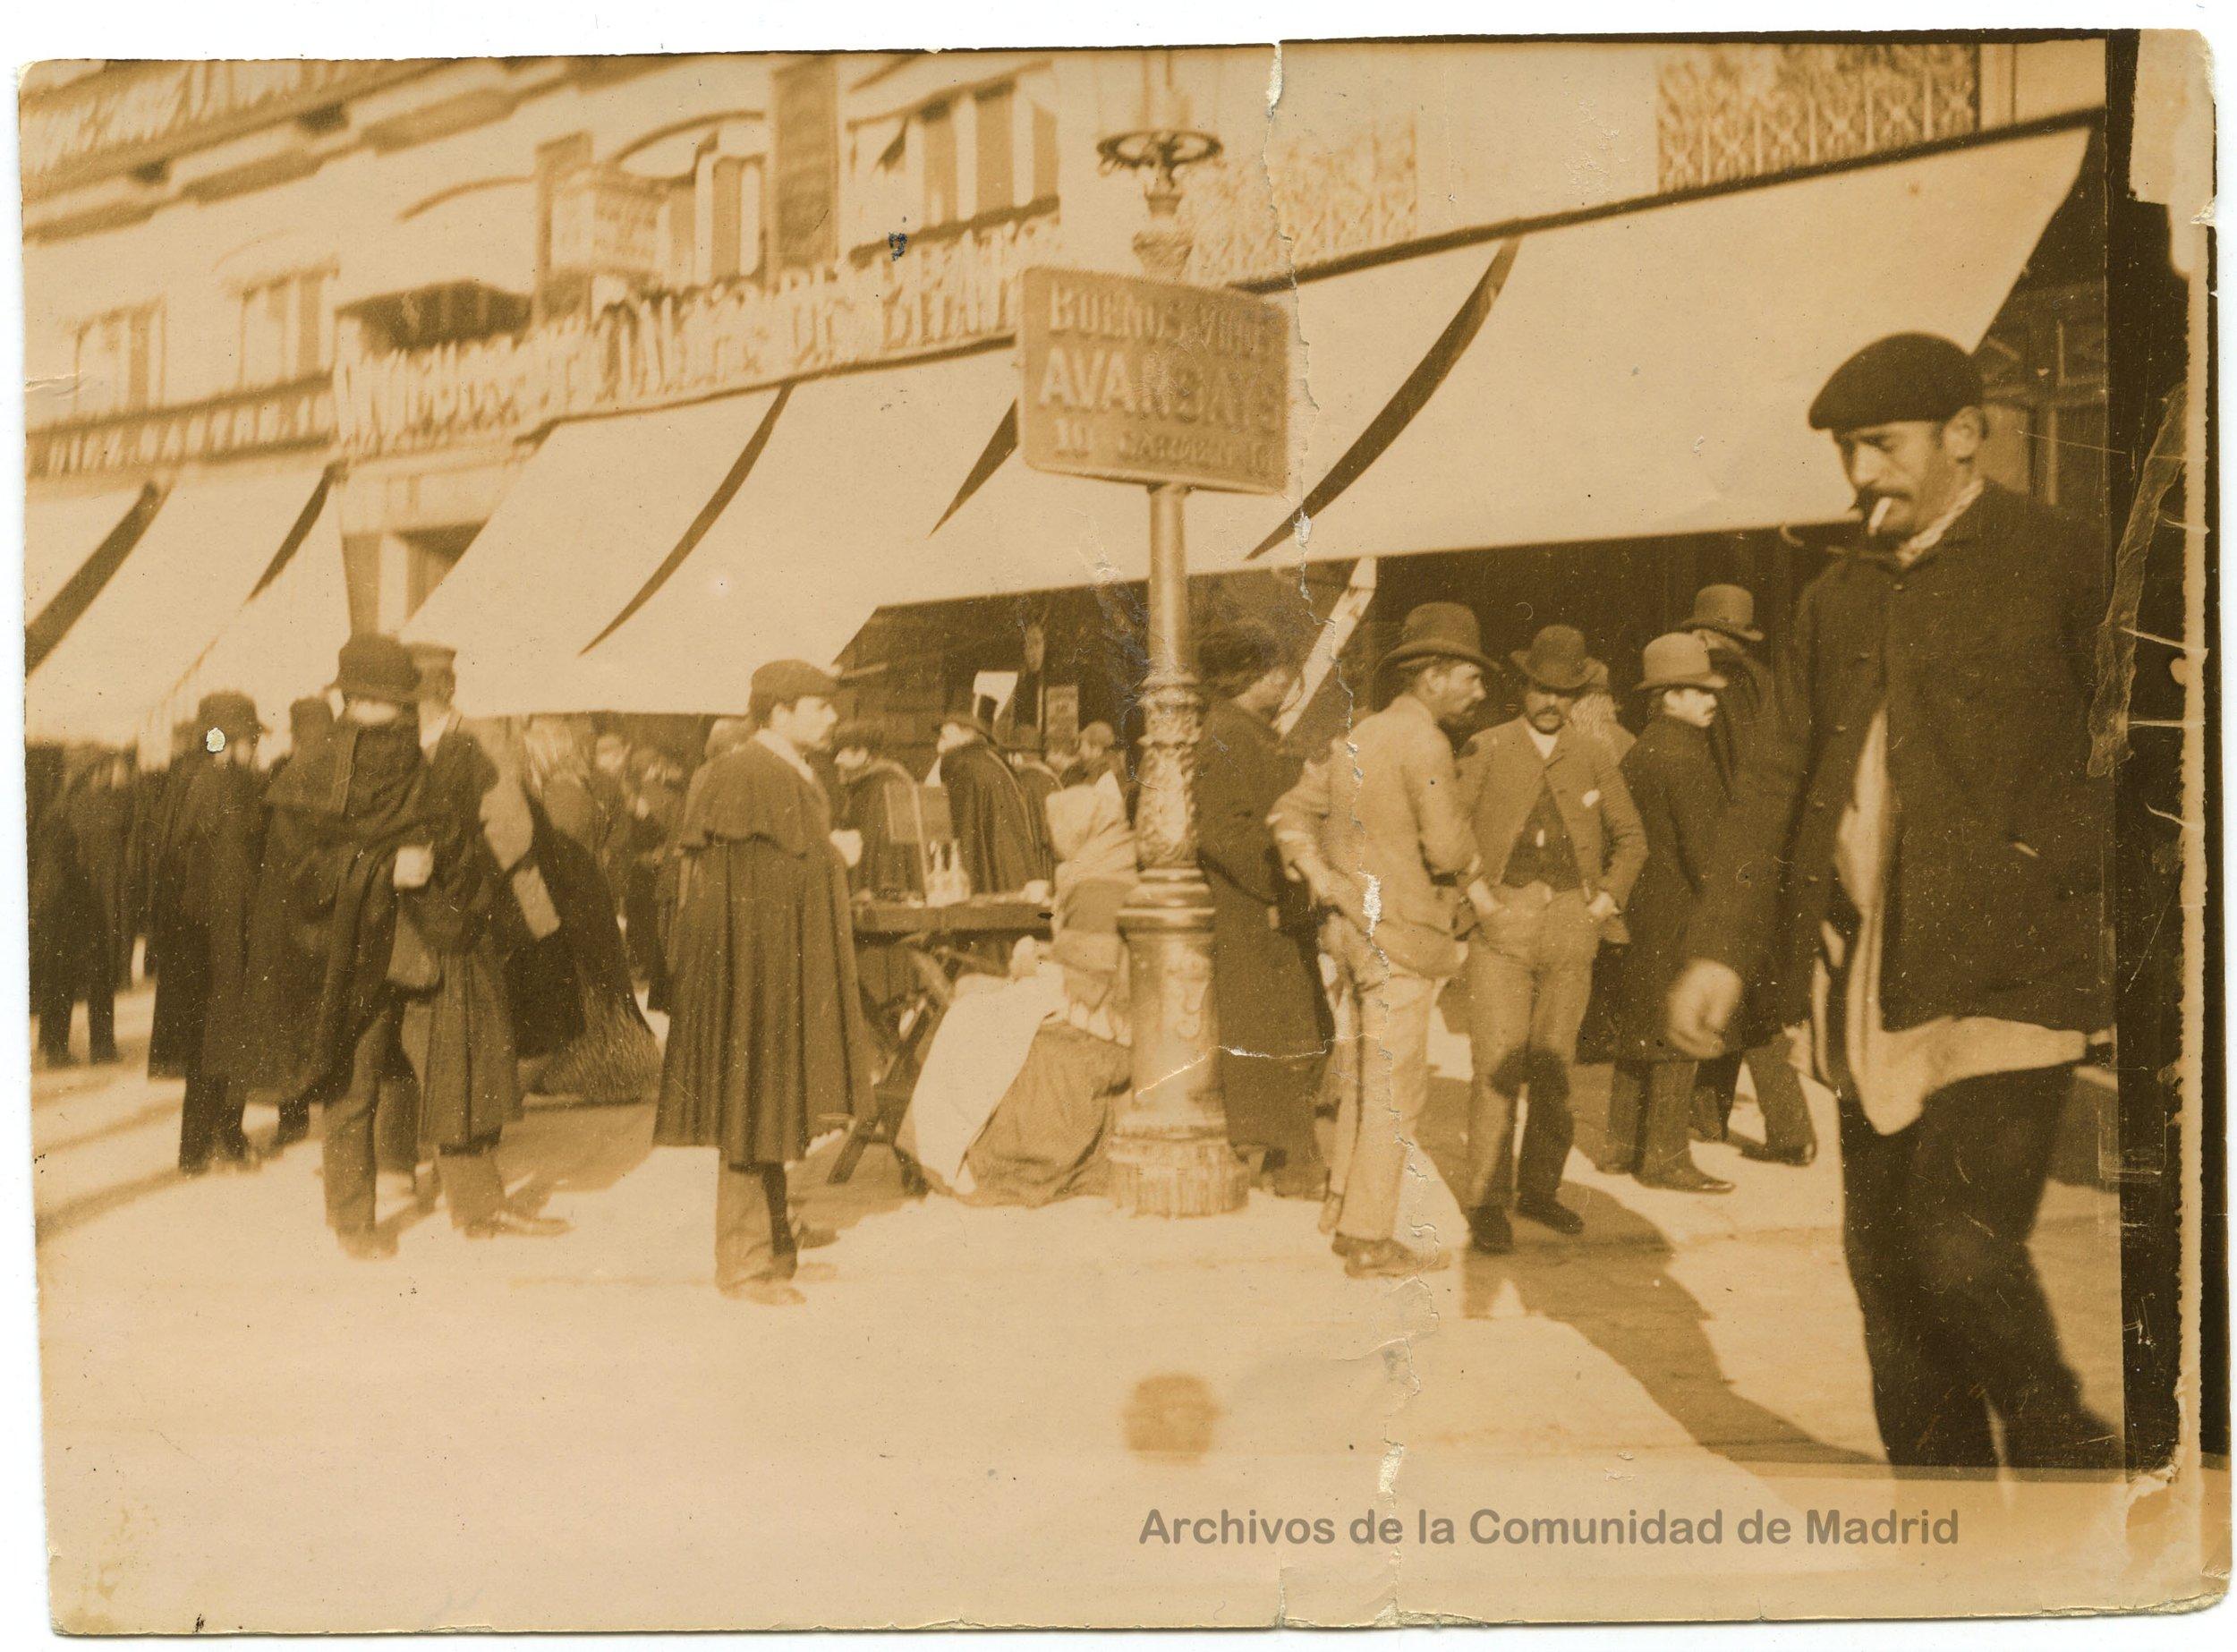 Madrid, Puerta del Sol, finales del siglo XIX. Transeúntes y, a la izquierda, hombre embozado. Fotografía: Juan Moya